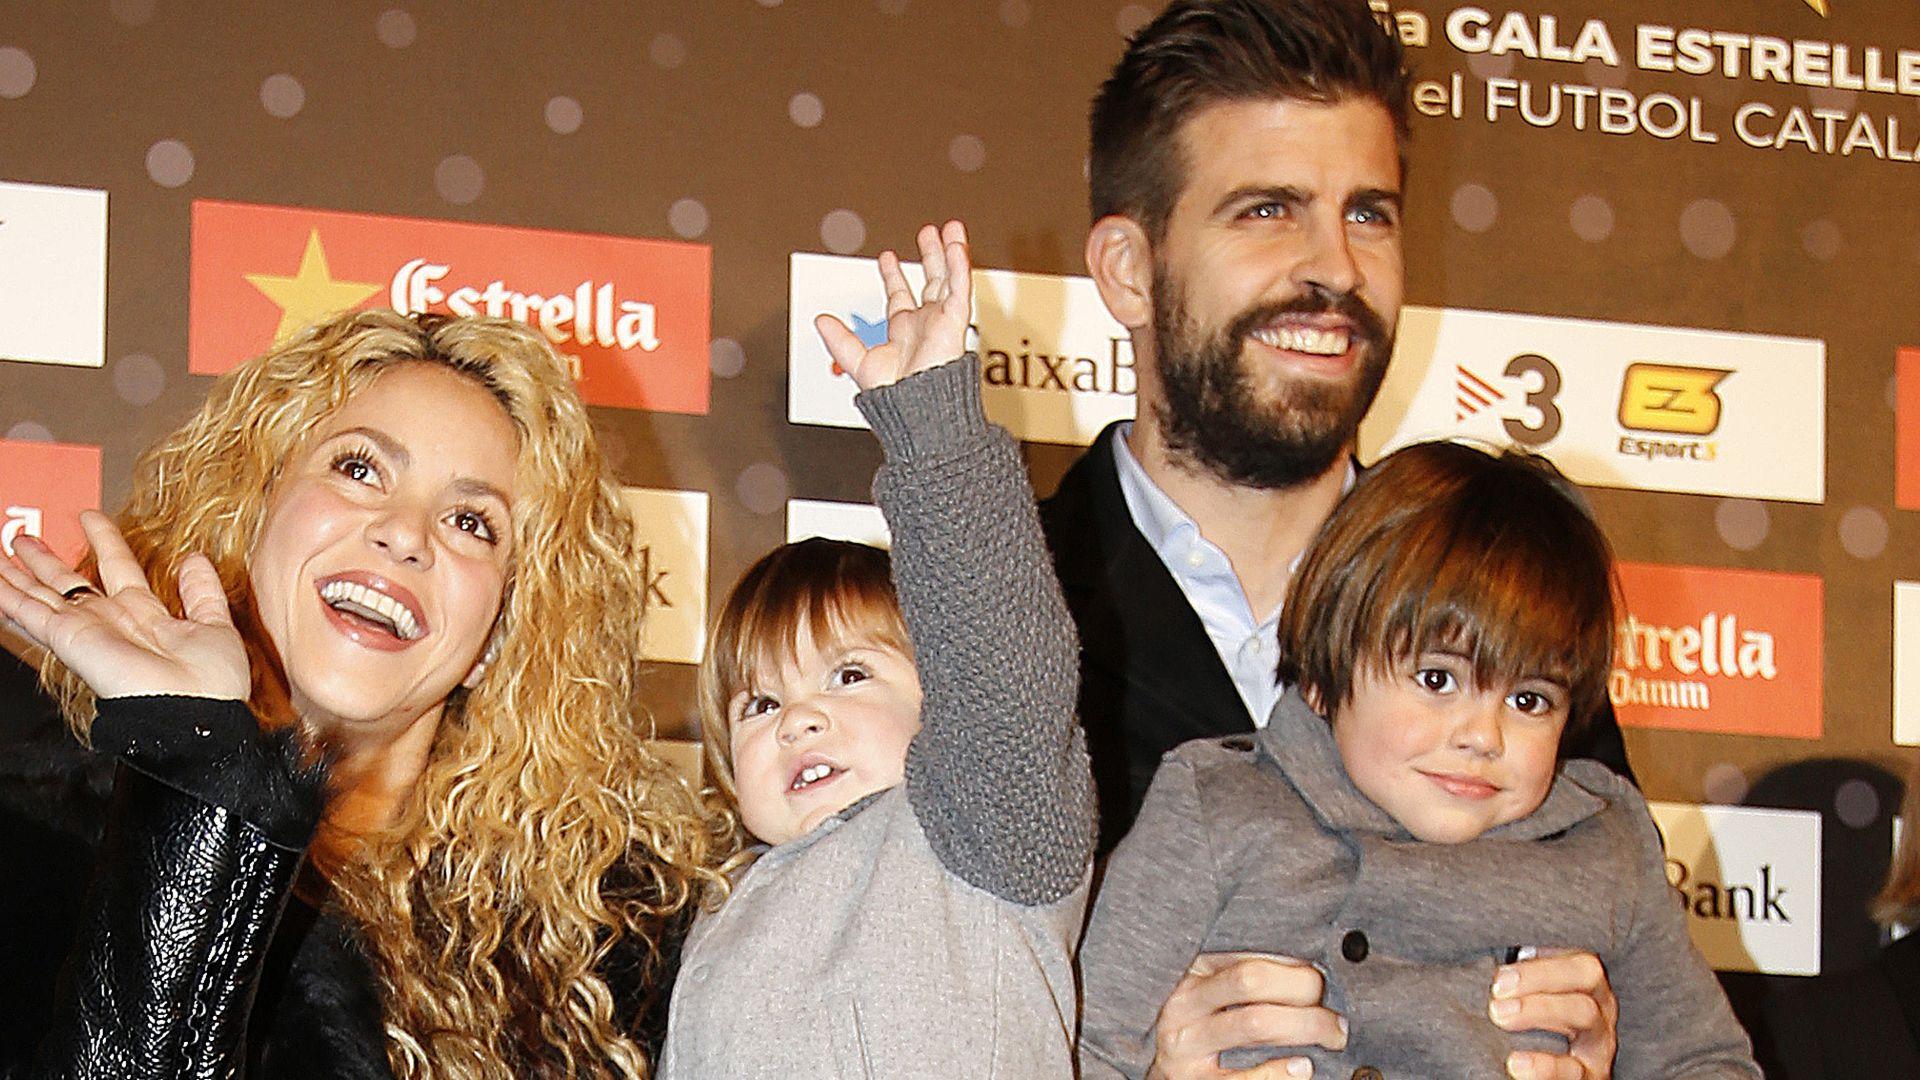 Megas Hier cruist Shakira mit ihren Boys durch